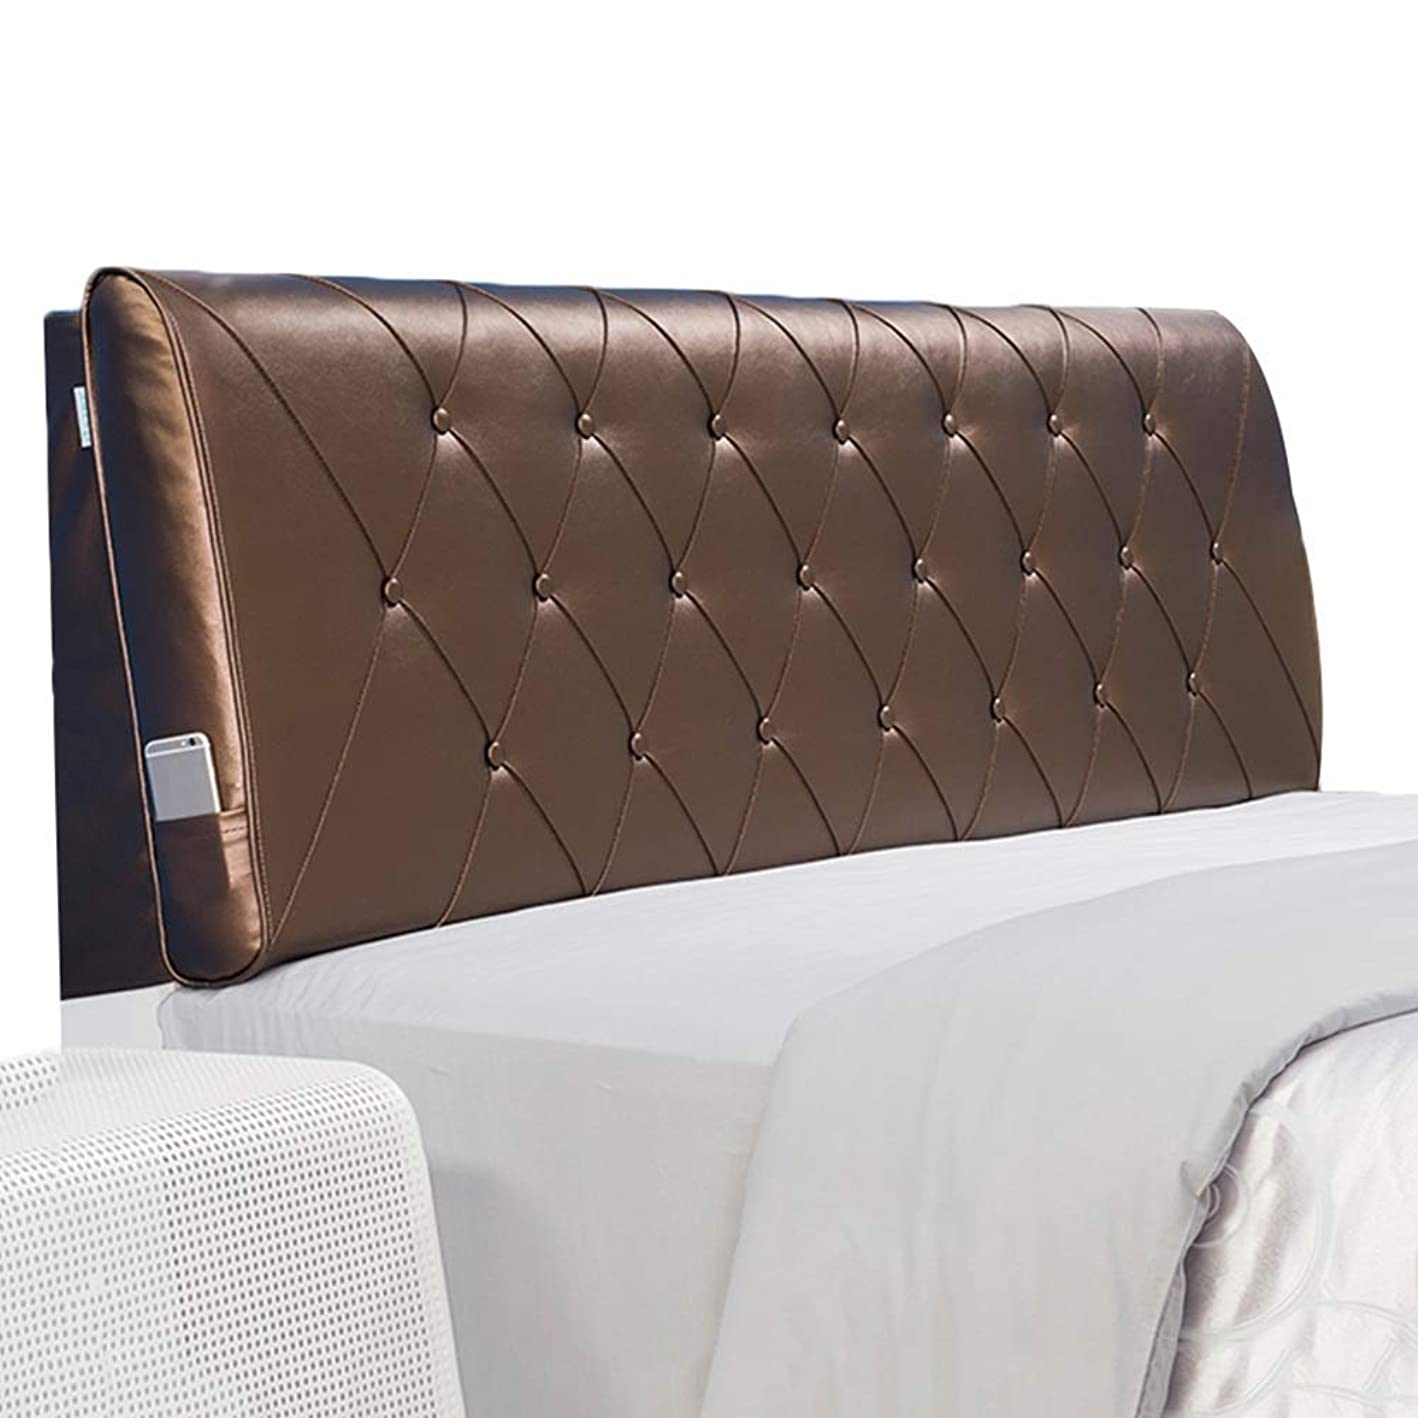 火曜日狂乱迷信WZBヘッドボードクッション衝突防止枕環境に優しいPUスポンジがウエストを保護、5サイズ、4色(色:ブラウン、サイズ:200x60x11cm)